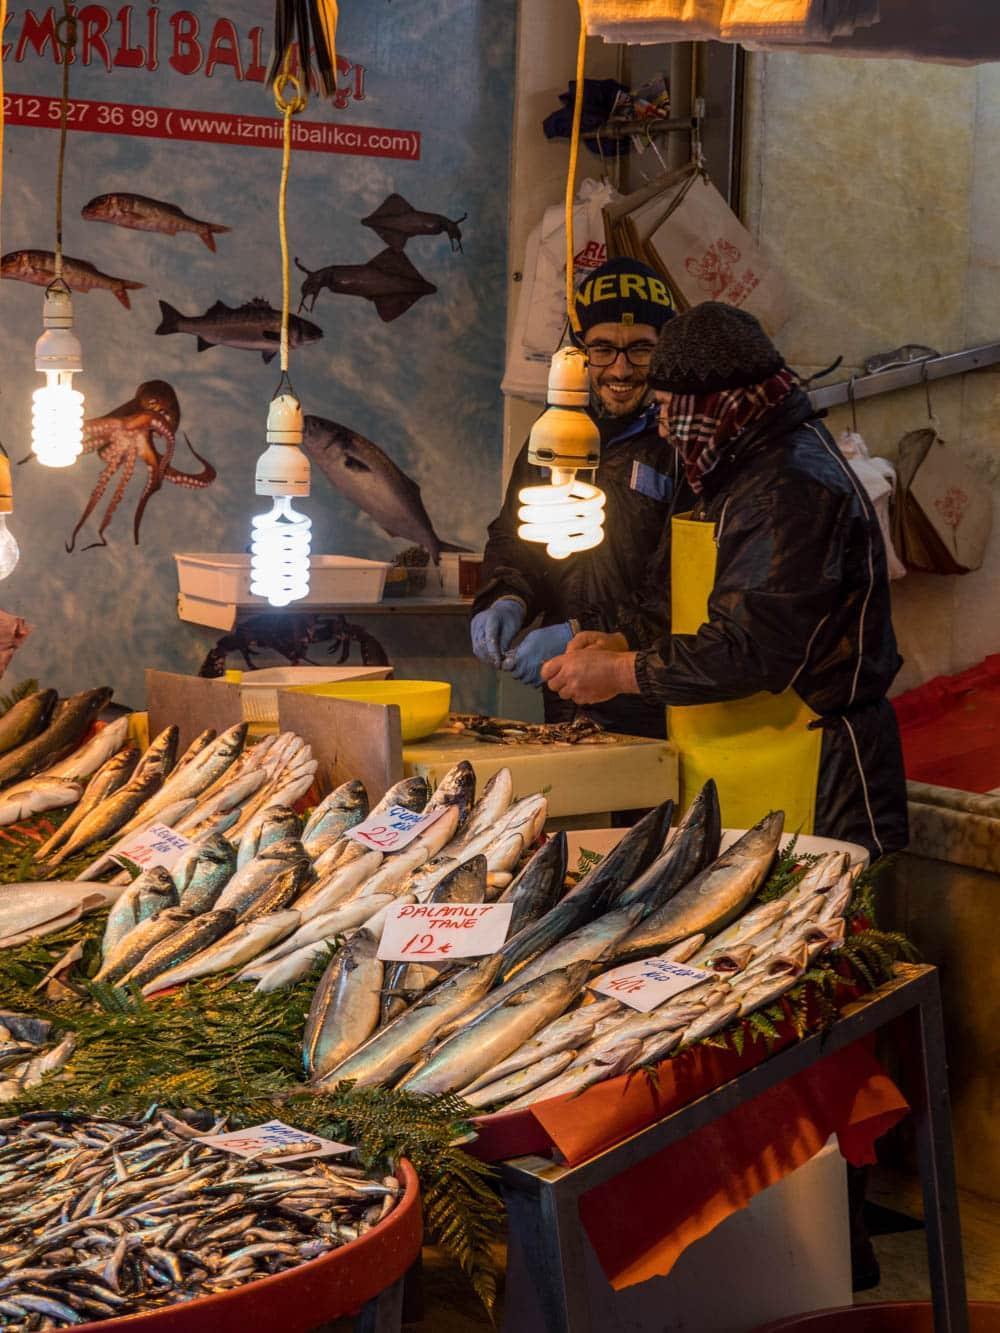 Fiskeforhandlere ved kryddermarkedet i Istanbul (Misir carsisi) / Et kjøkken i Istanbul